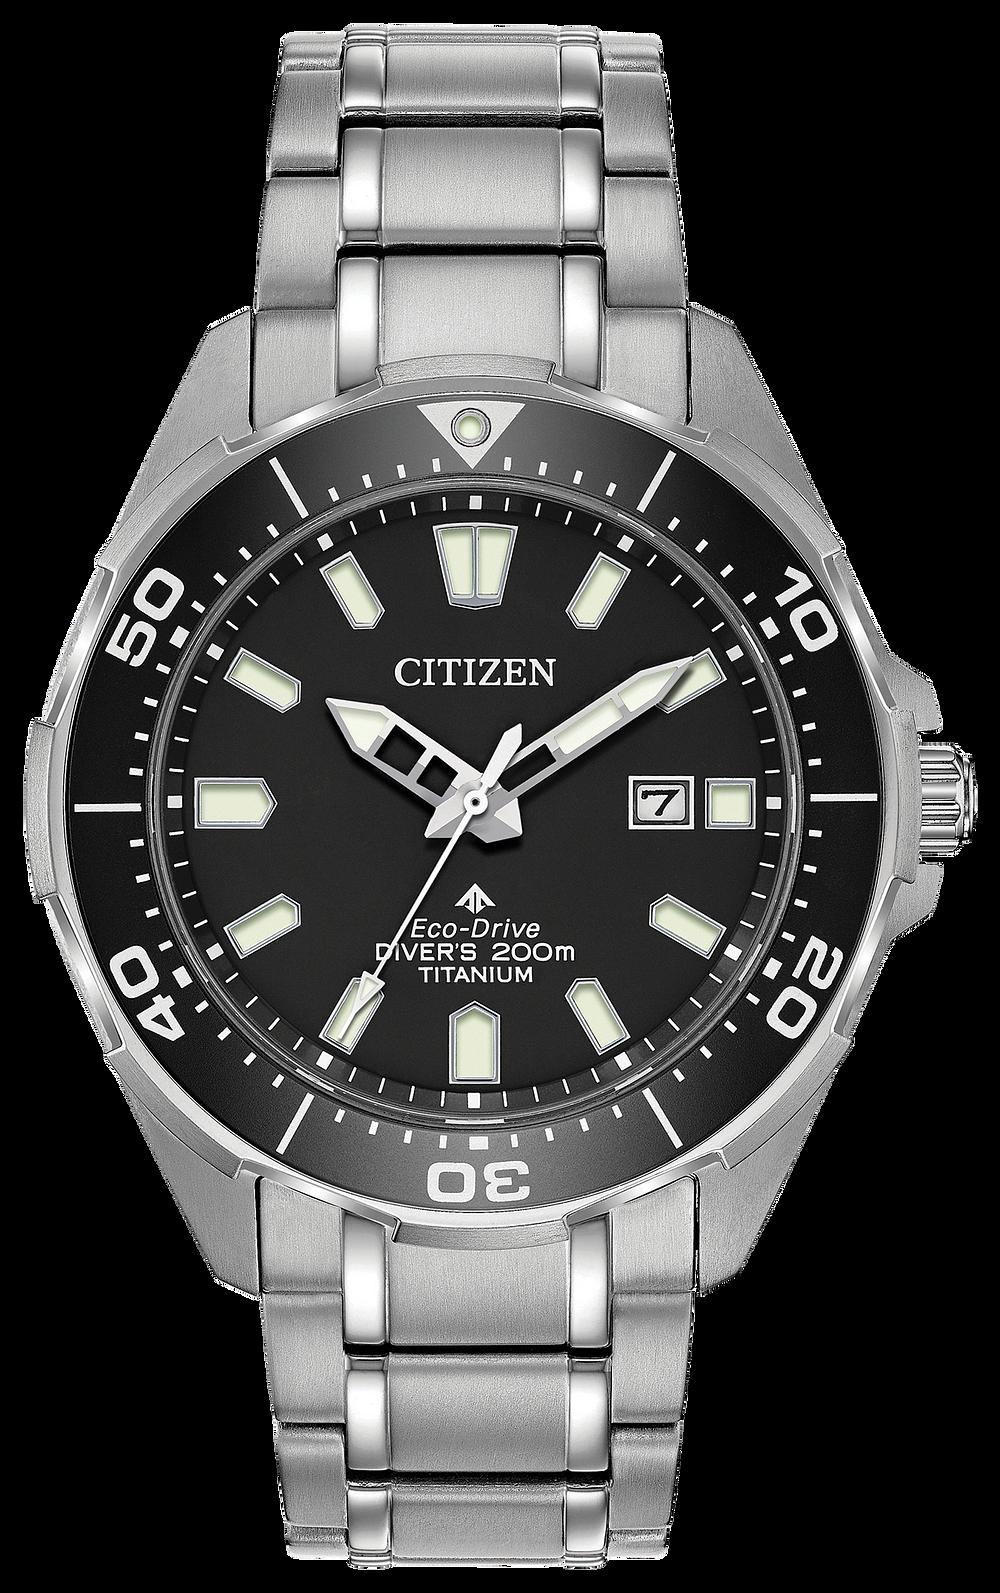 Promaster diver men 39 s eco drive bn0200 56e steel watch citizen - Citizen promaster dive watch ...